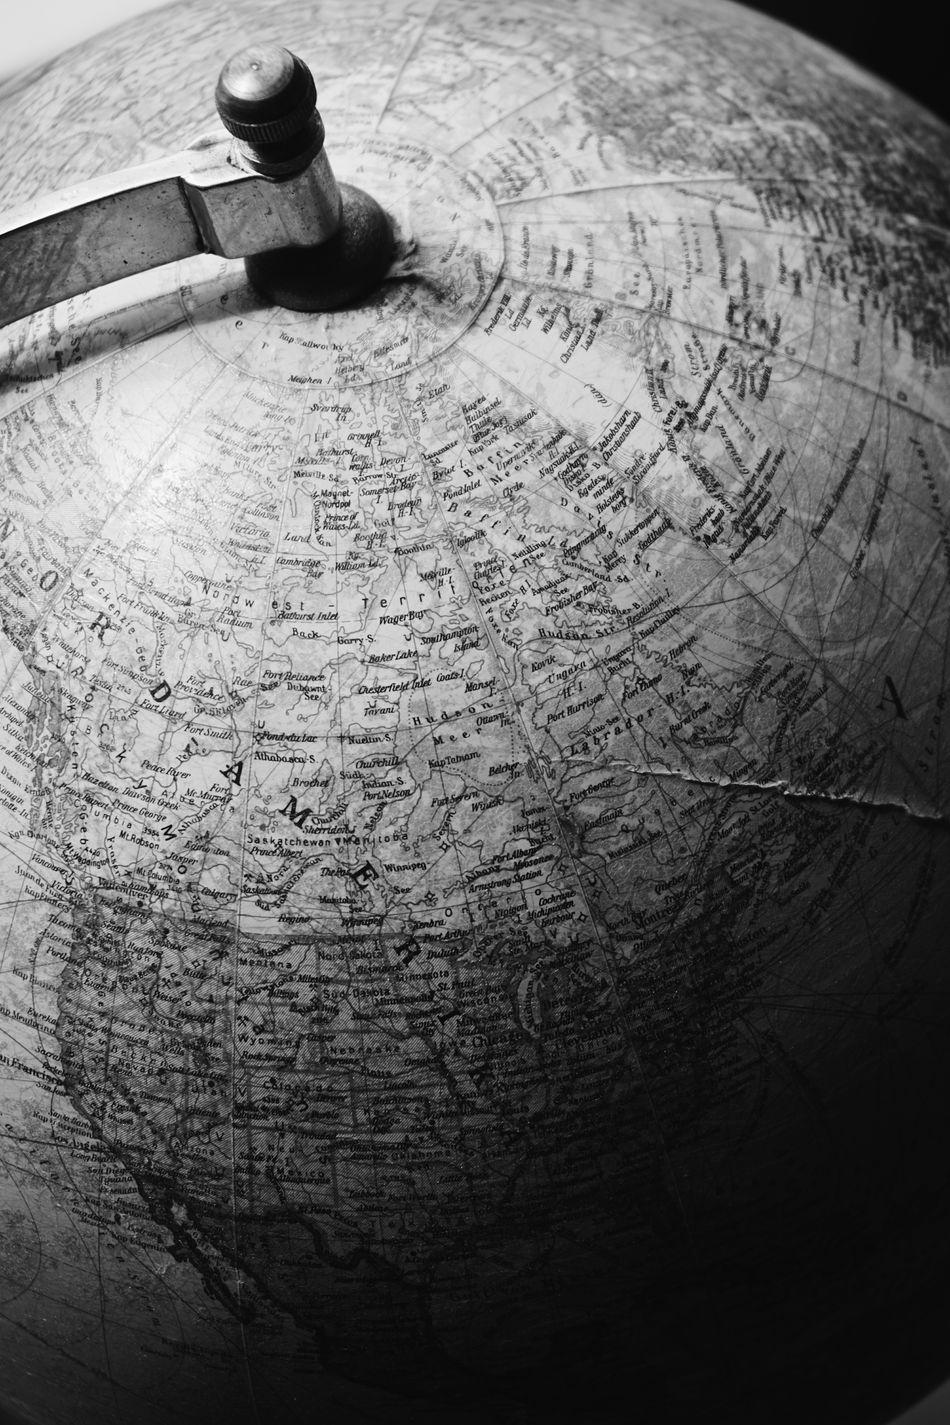 Old globus Globus Earth World Map Maps Worldmap Blackandwhite Black And White Black & White Blackandwhite Photography Black And White Photography Black Background Black&white Monochrome